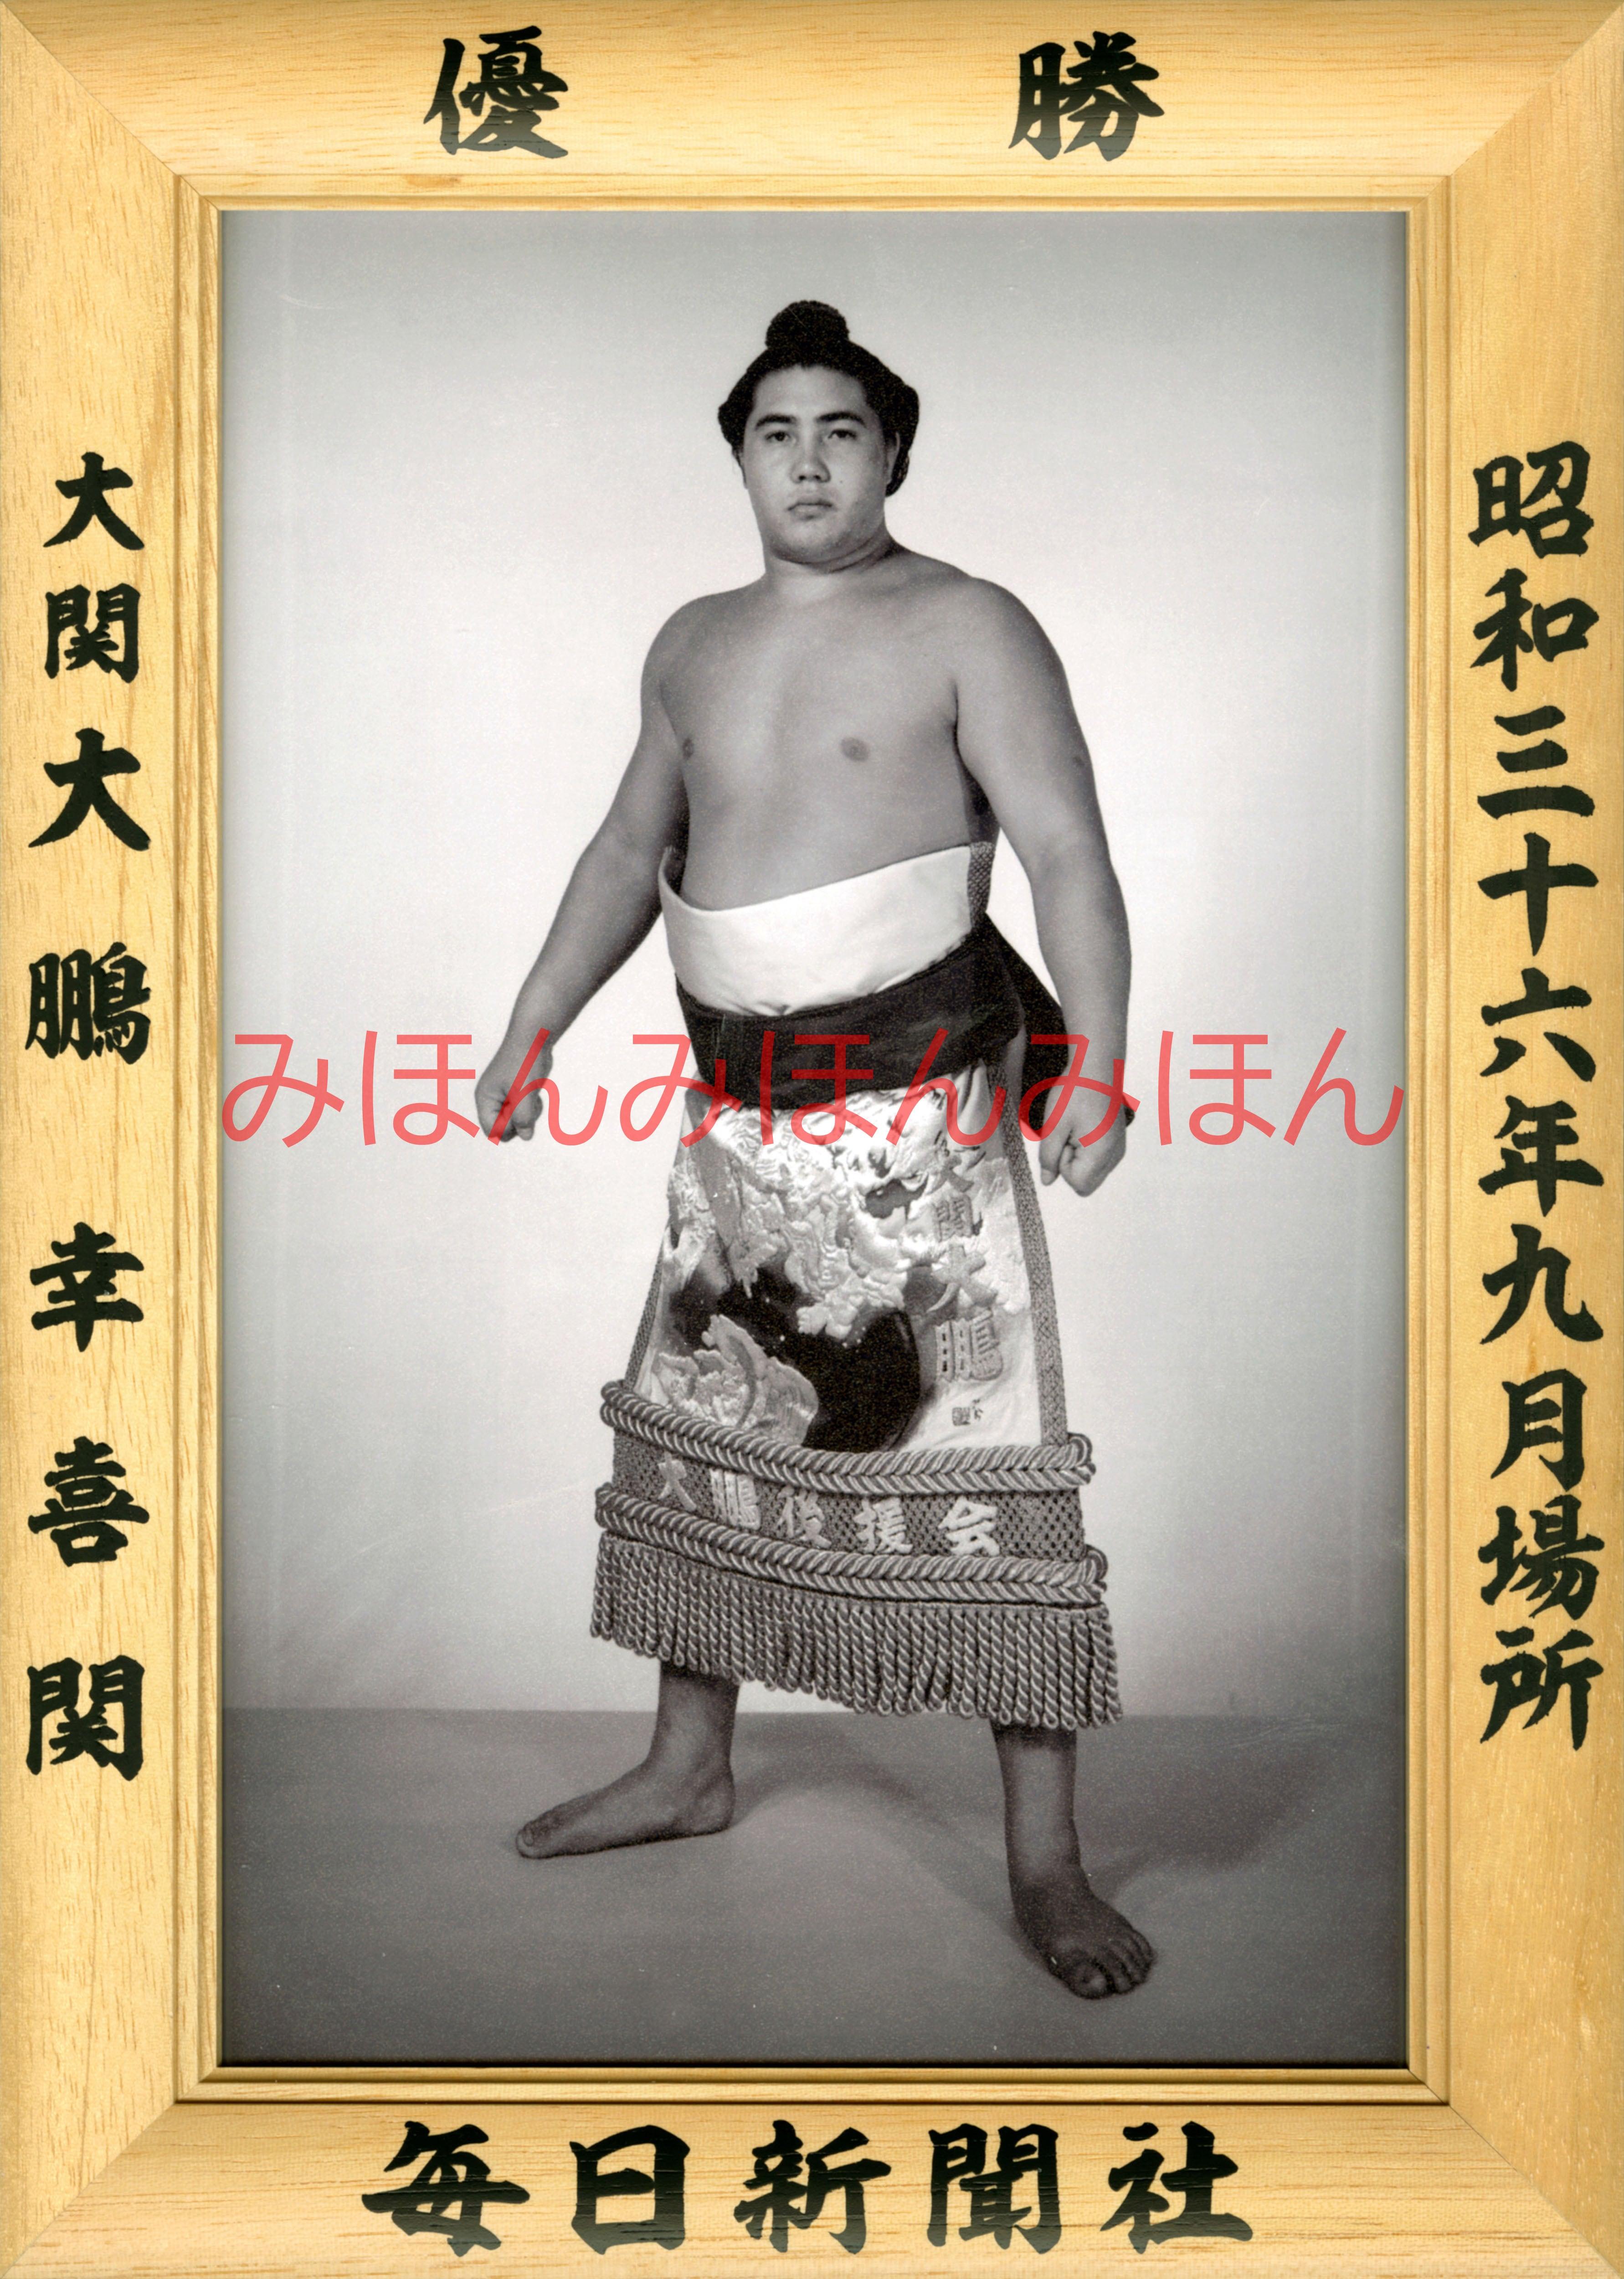 昭和36年9月場所優勝 大関 大鵬幸喜関(3回目の優勝)